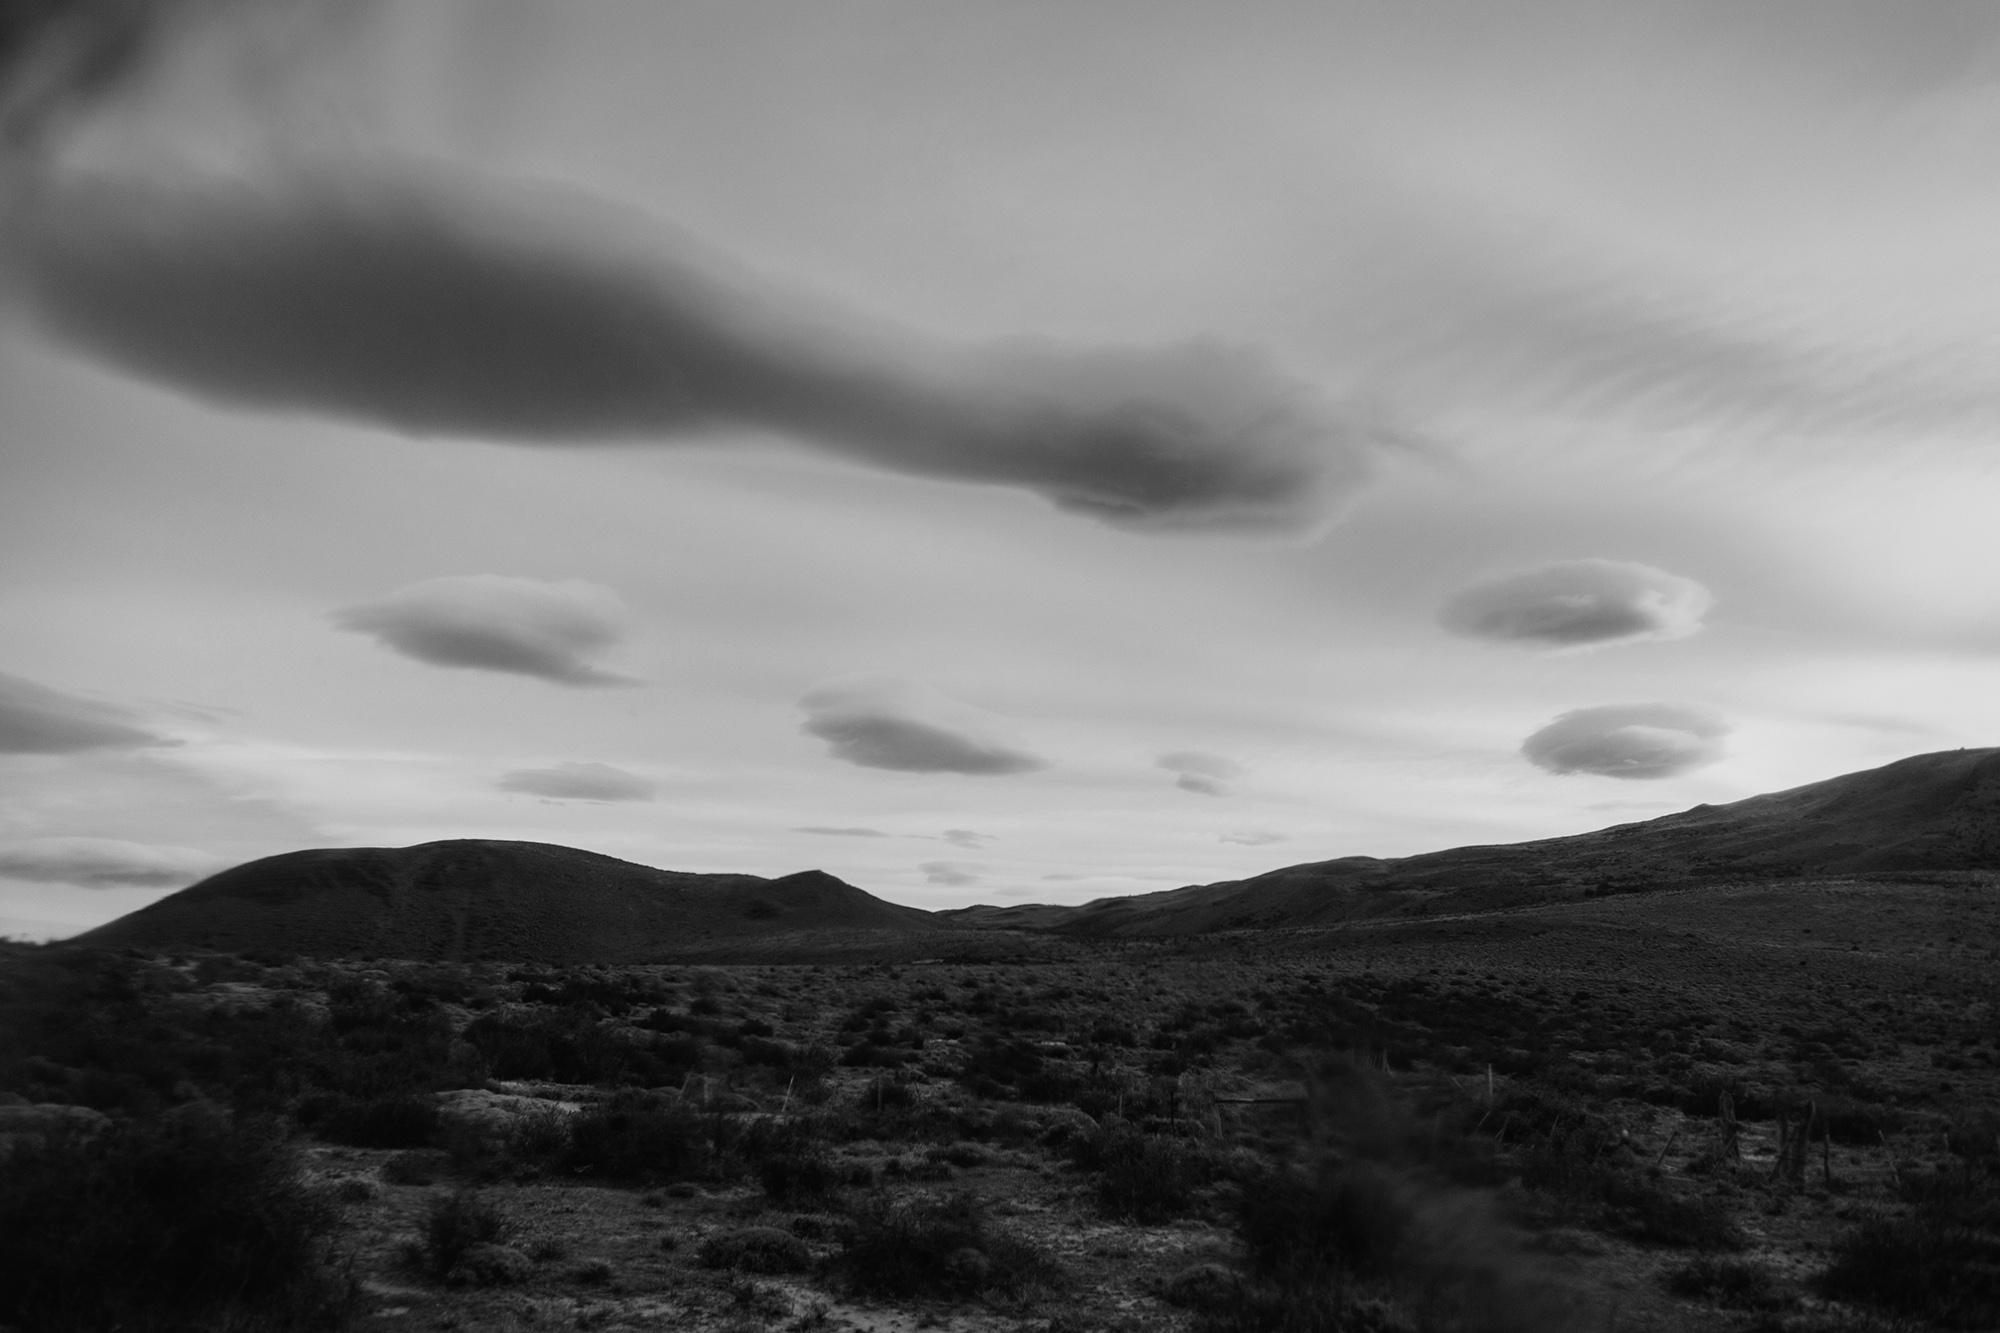 clouds-in-patagonia-0010.JPG